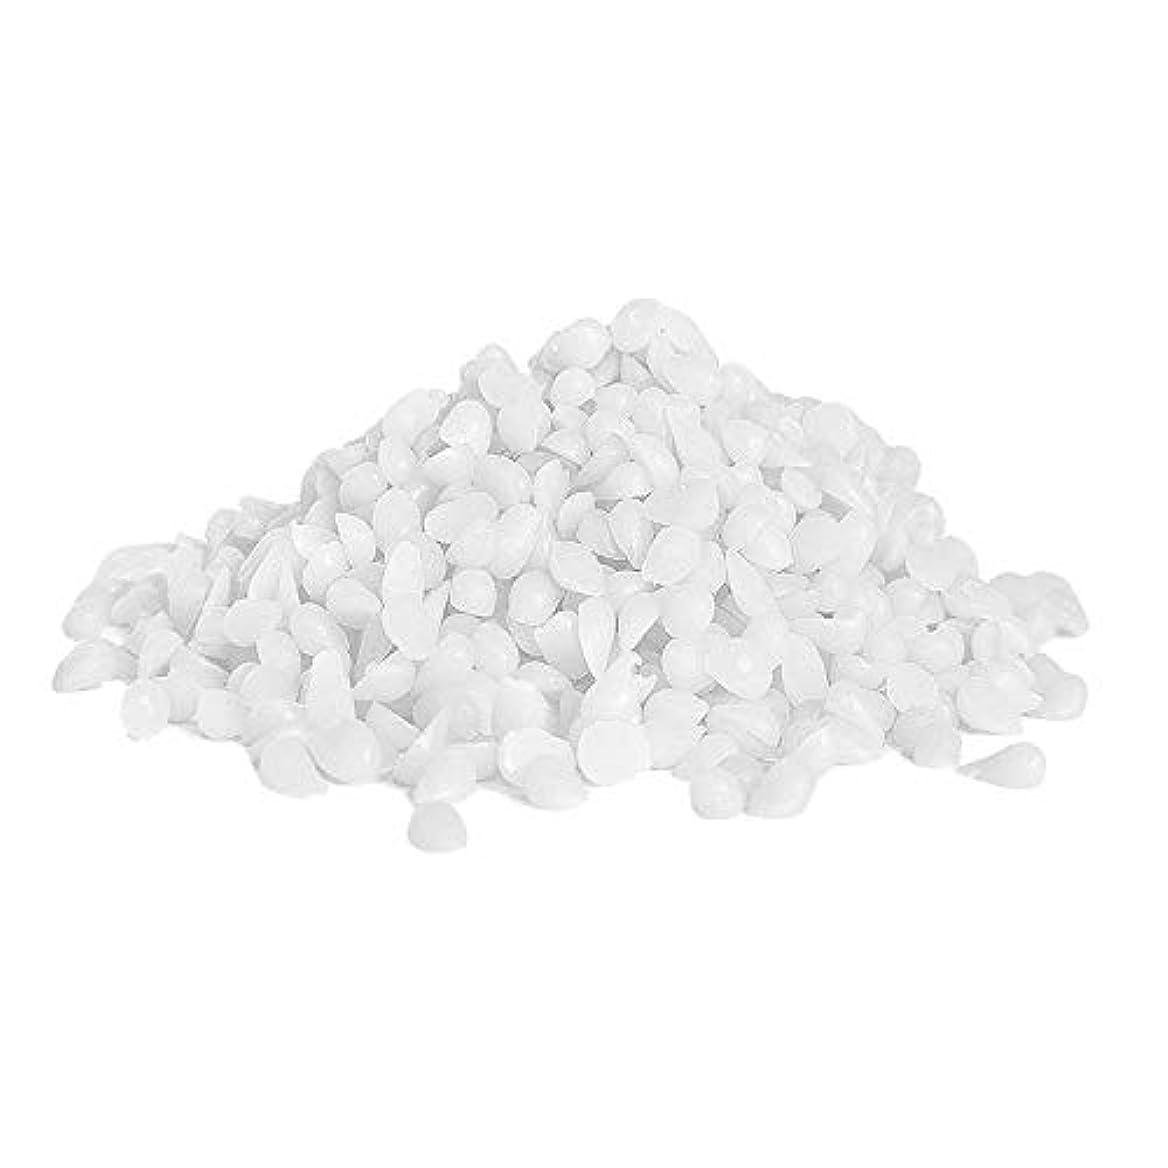 フォローコールド適性Tenflyer  ミツロウペレットイエローホワイトトローチ化粧品グレードキャンドルシャップスティックミツロウペレット